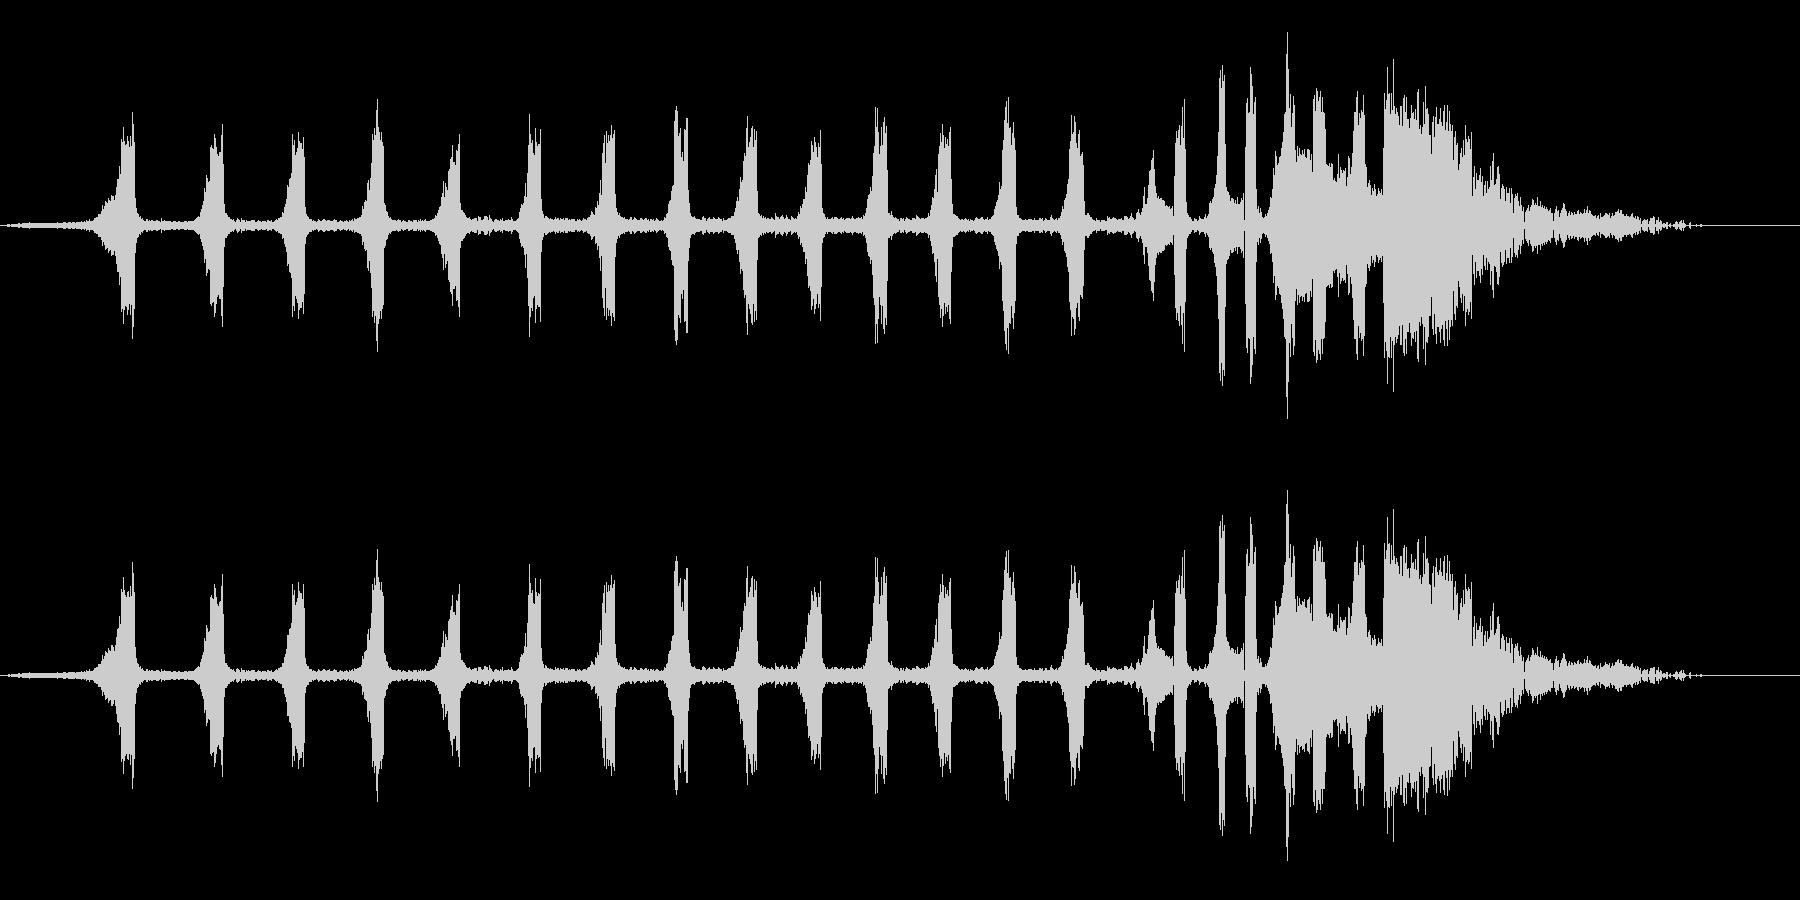 セミ(ツクツクボウシ)の鳴き声_その2の未再生の波形